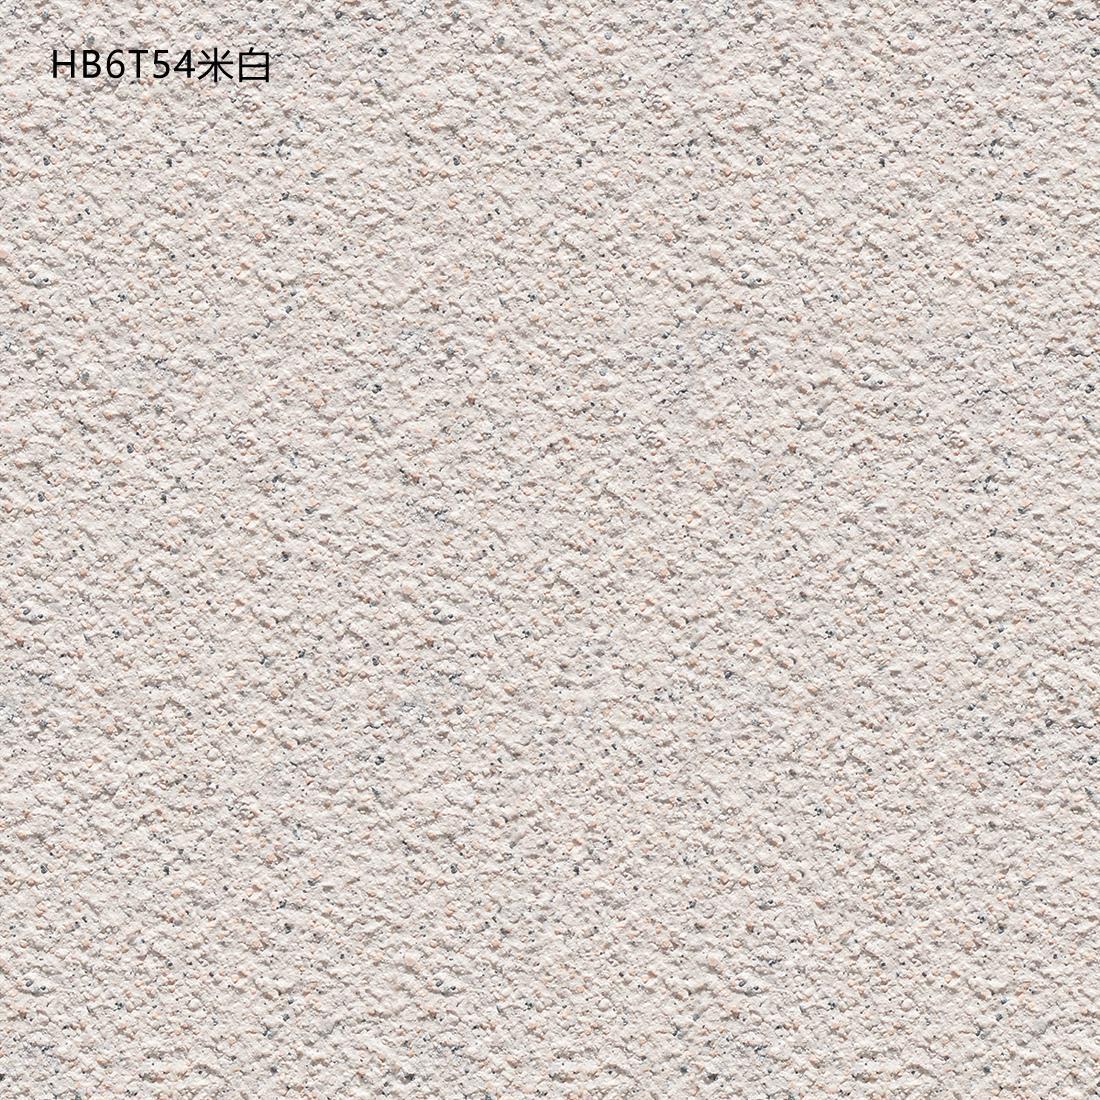 大理石瓷砖幕墙与瓷砖有什么区别?大理石瓷砖幕墙有哪些优势?